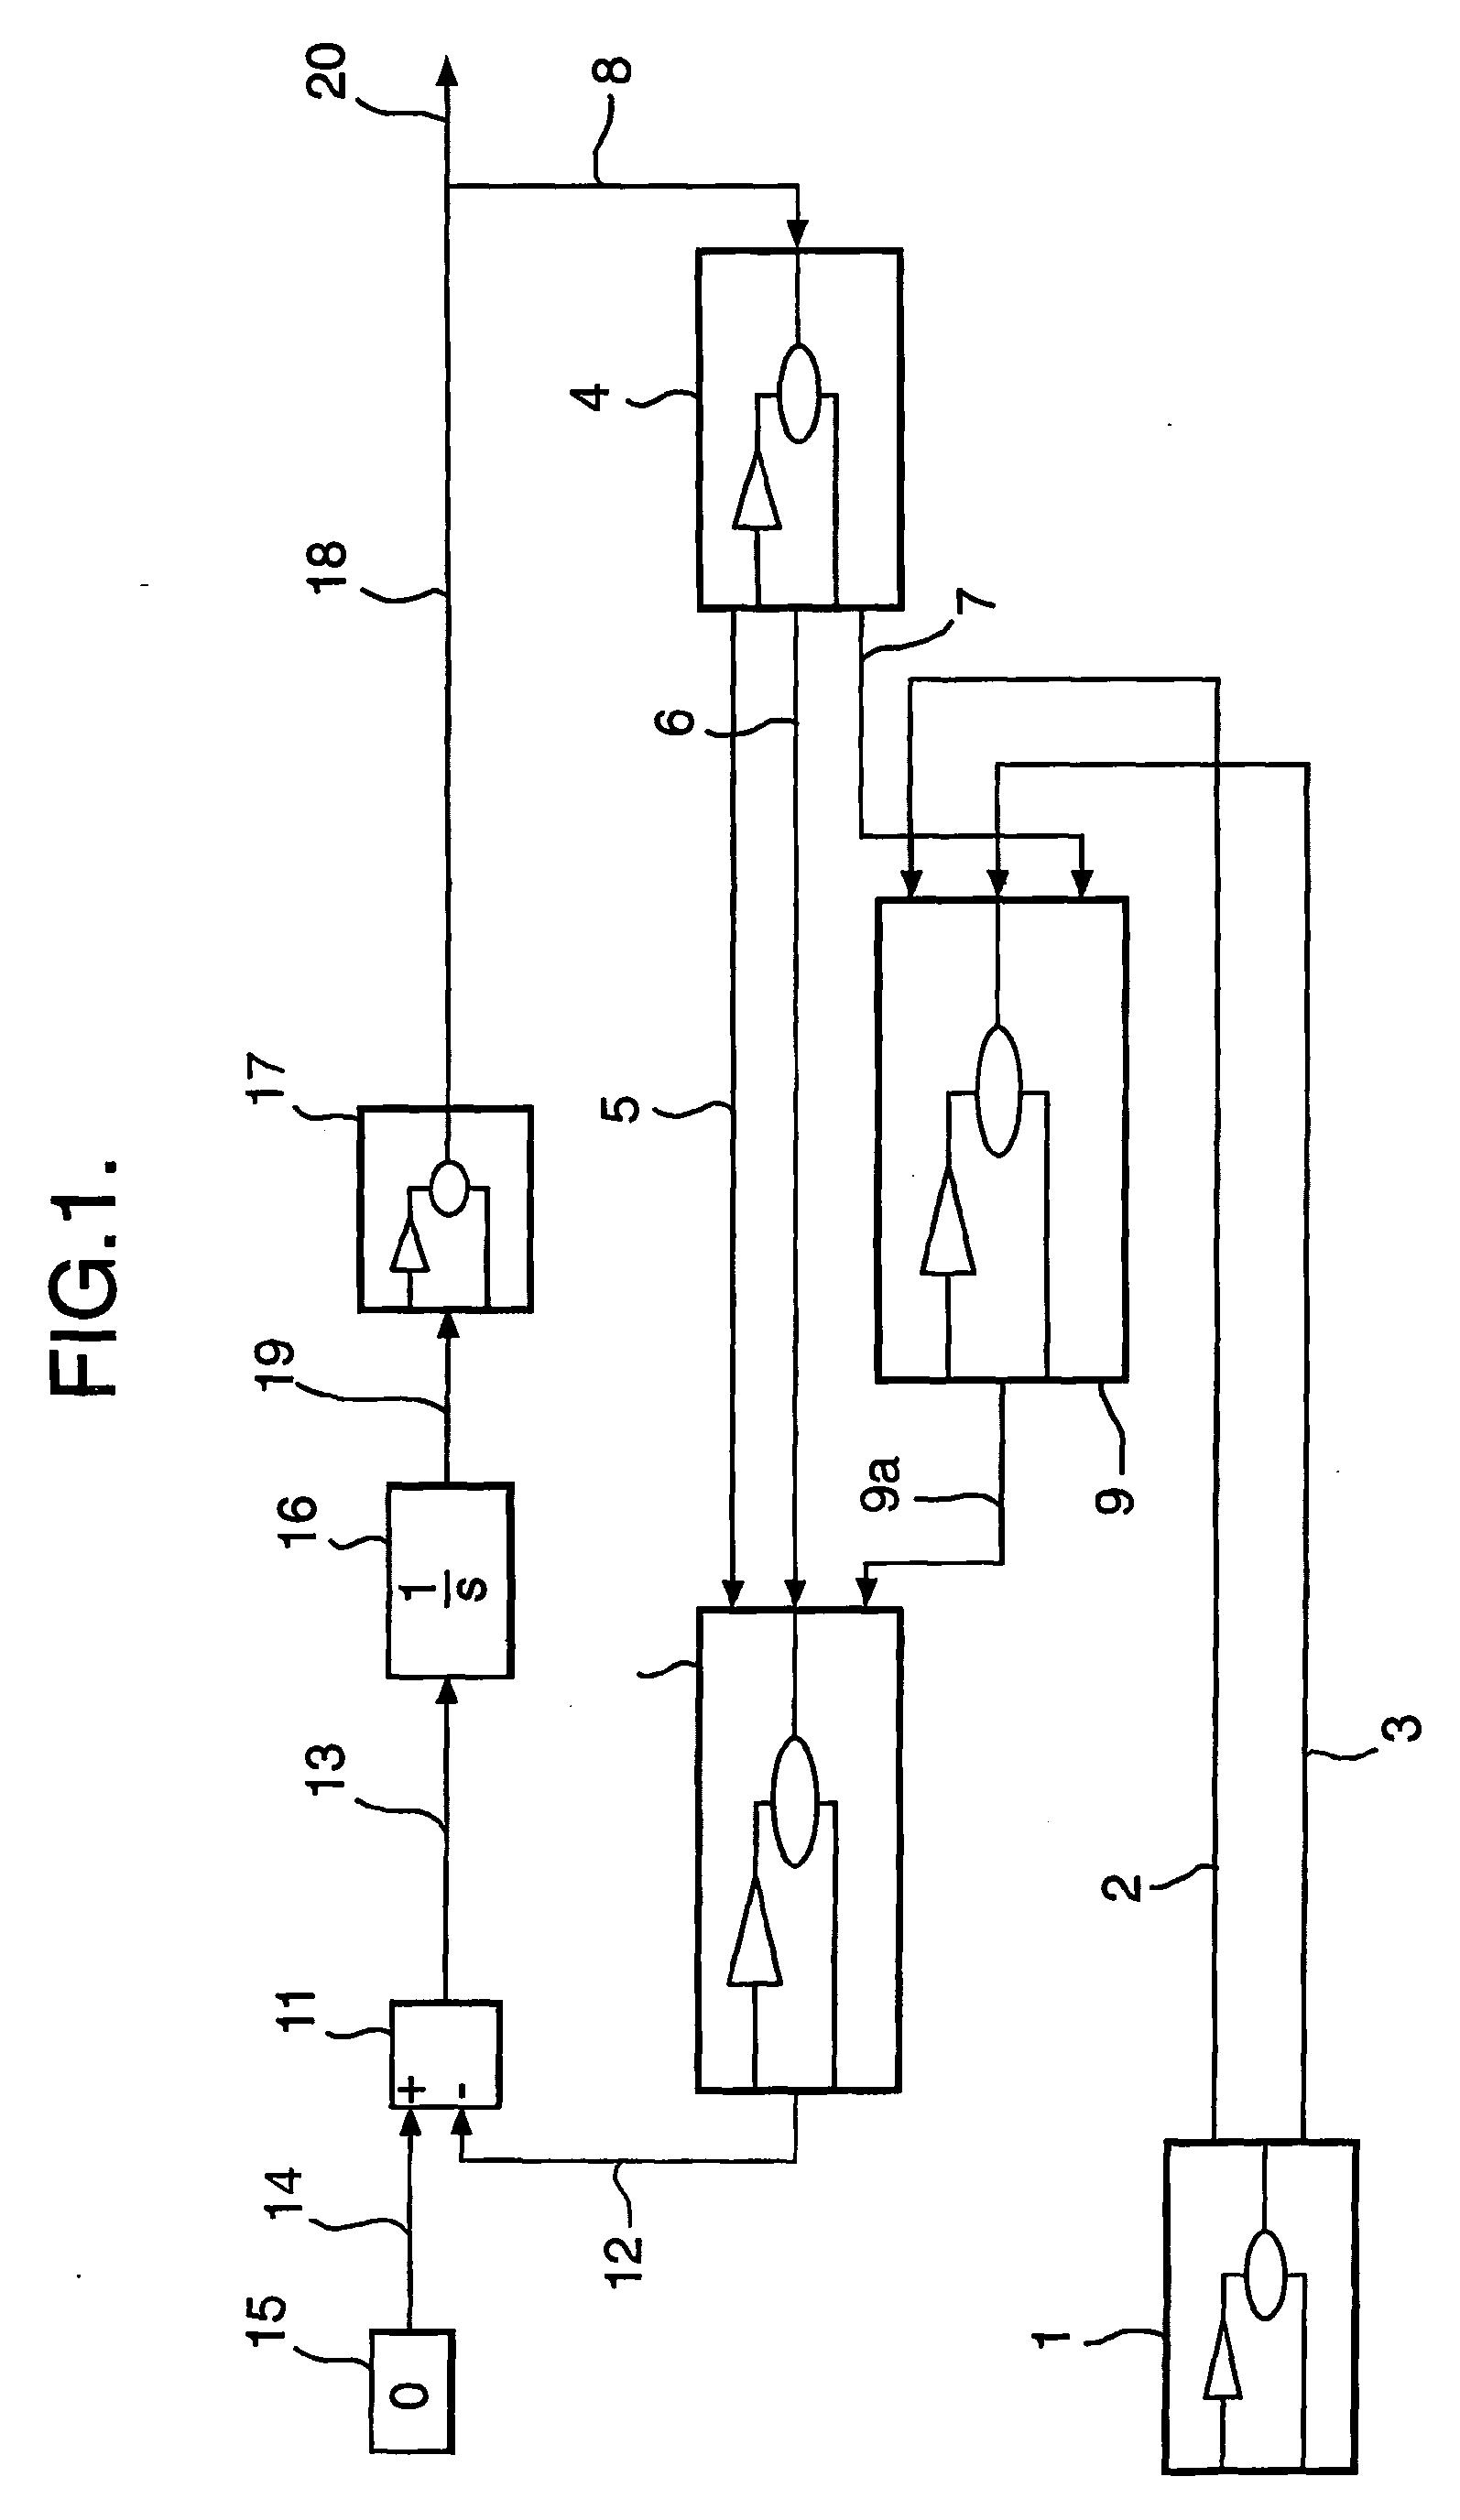 patent ep1264154b1 ein ballistiksfeuerleitungsl sungsverfahren und vorrichtung zu einem drall. Black Bedroom Furniture Sets. Home Design Ideas